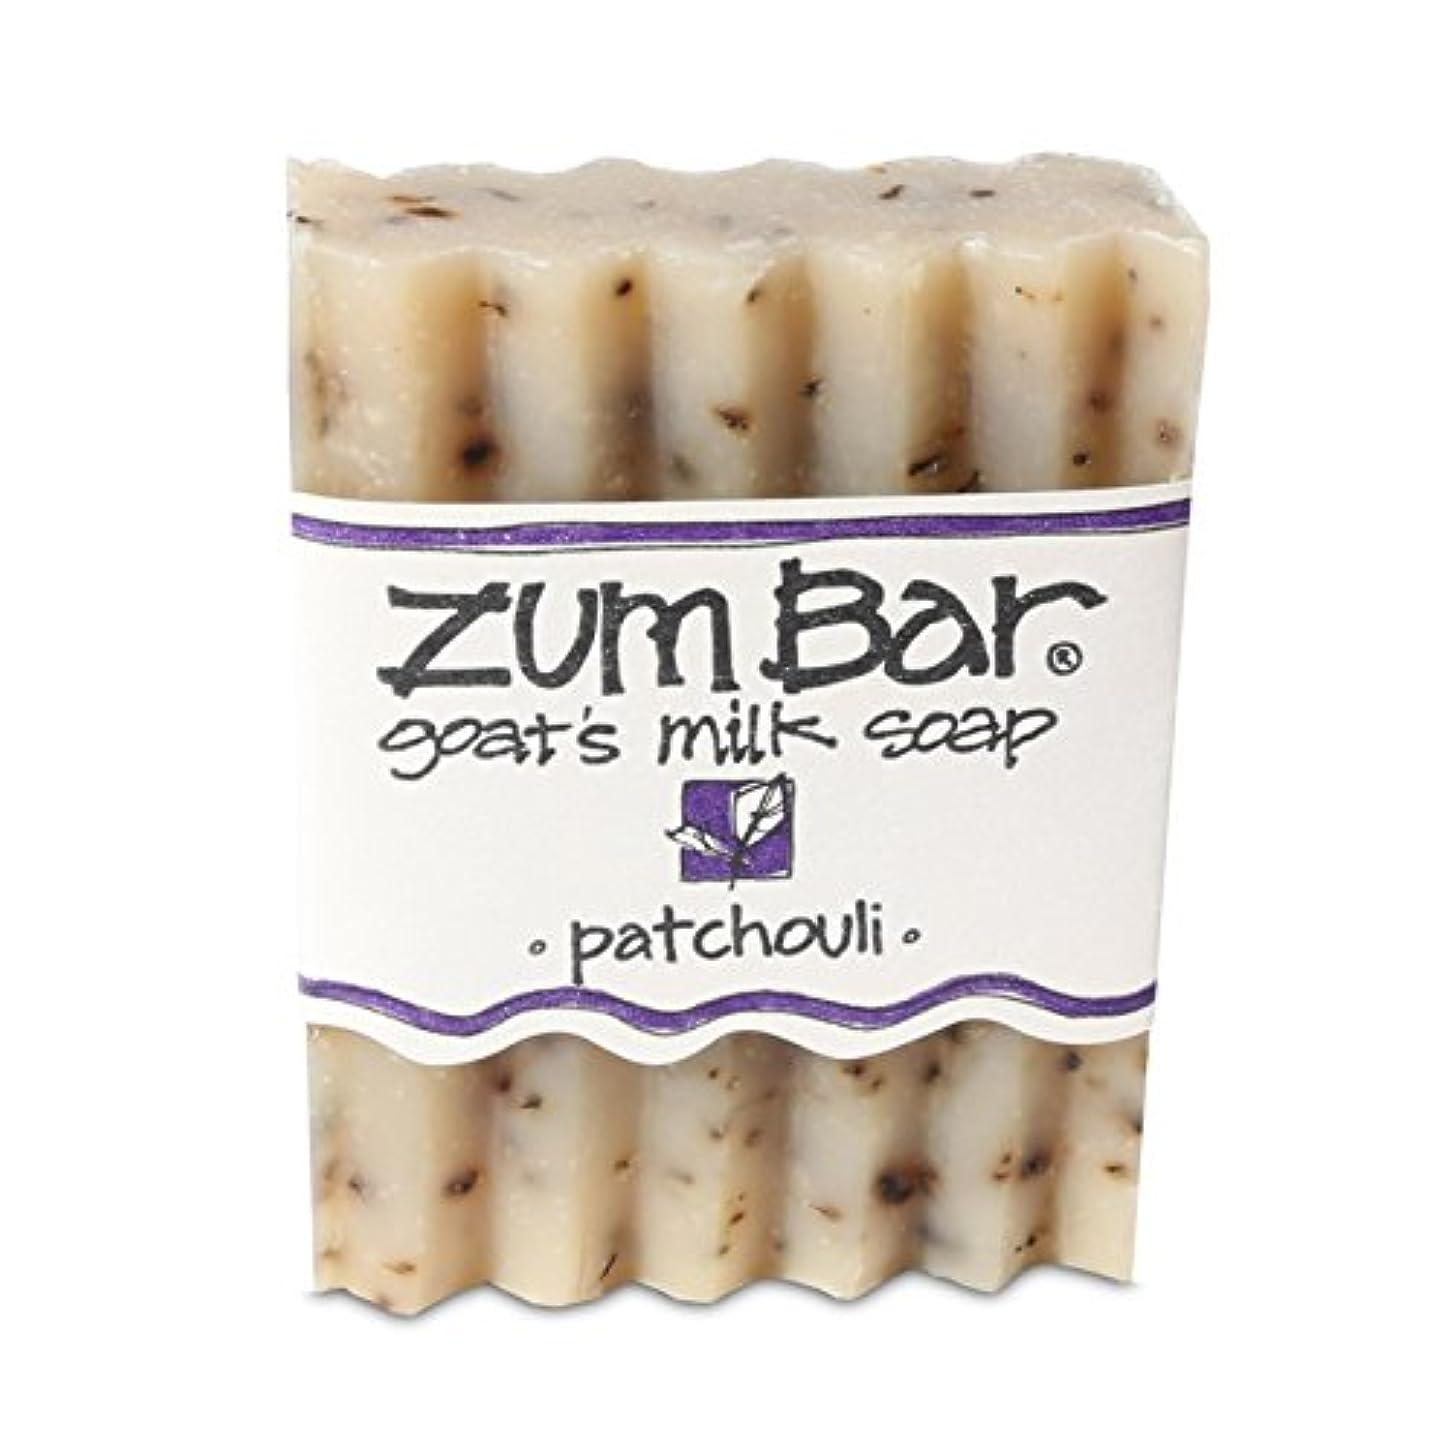 ポテト重なる好意的海外直送品 Indigo Wild, Zum Bar, Goat's ミルク ソープ パチョリ, 3 Ounces (2個セット) (Patchouli) [並行輸入品]